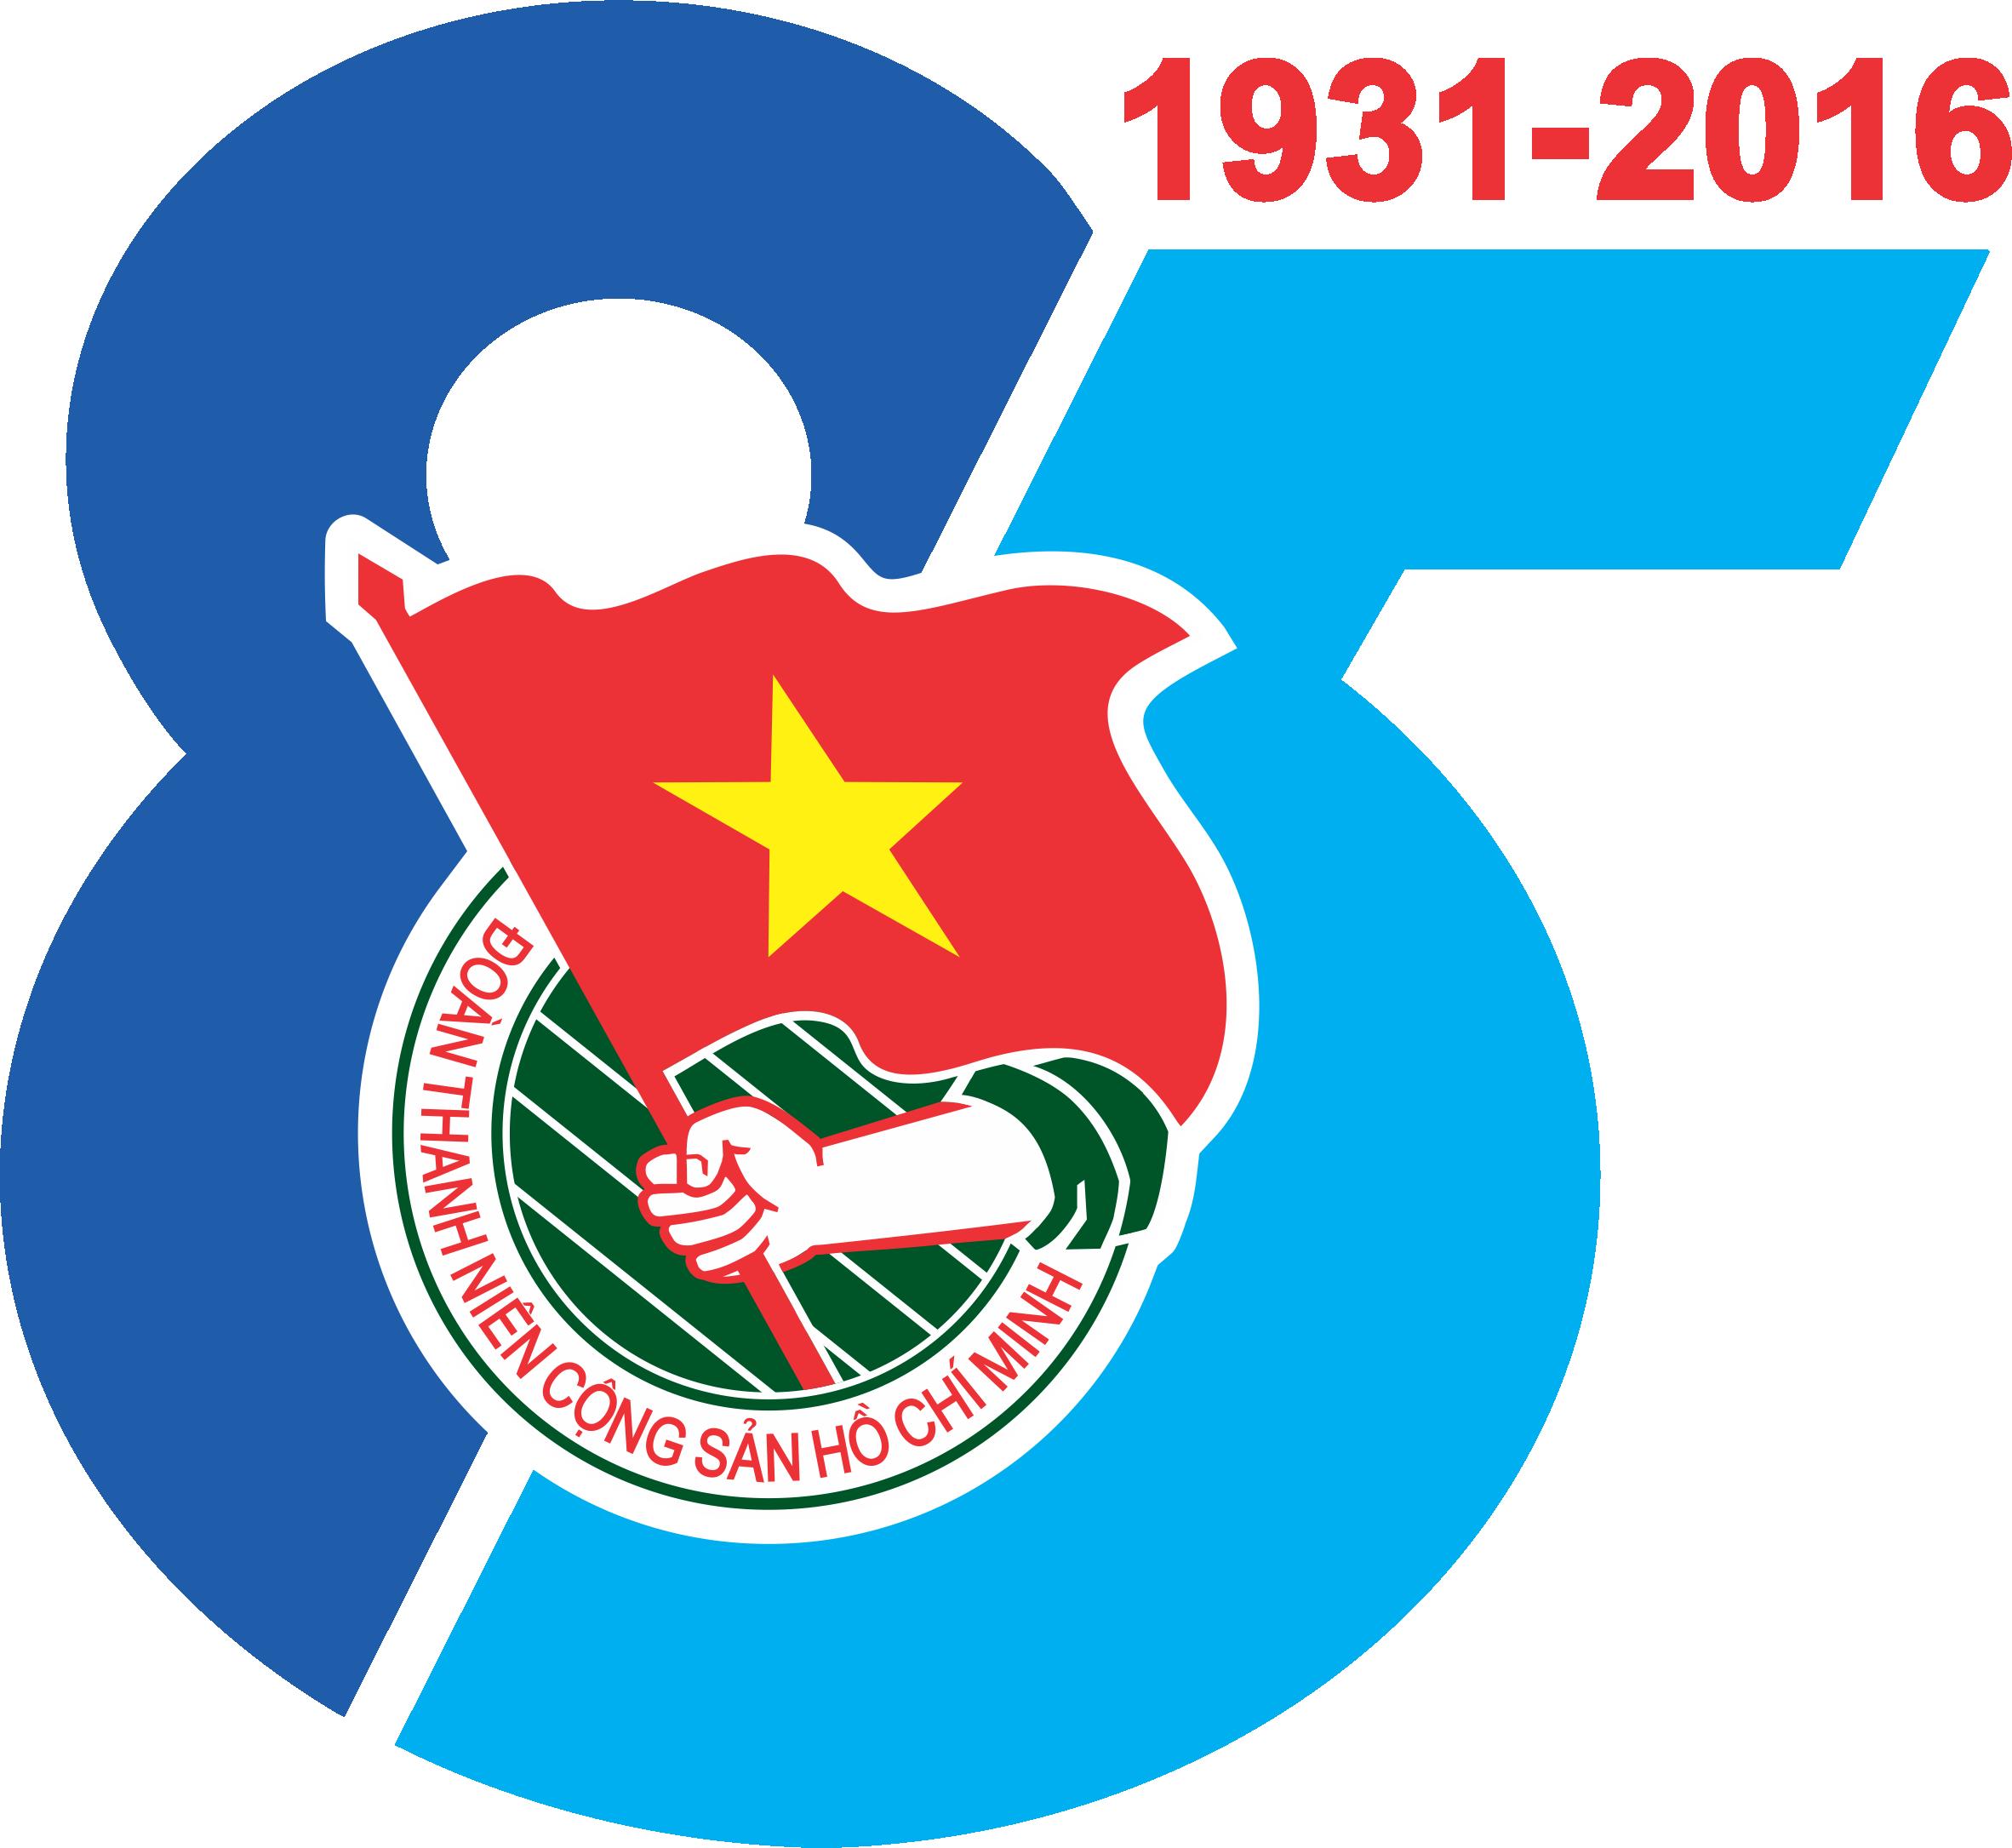 Logo đại hội đoàn thanh niên